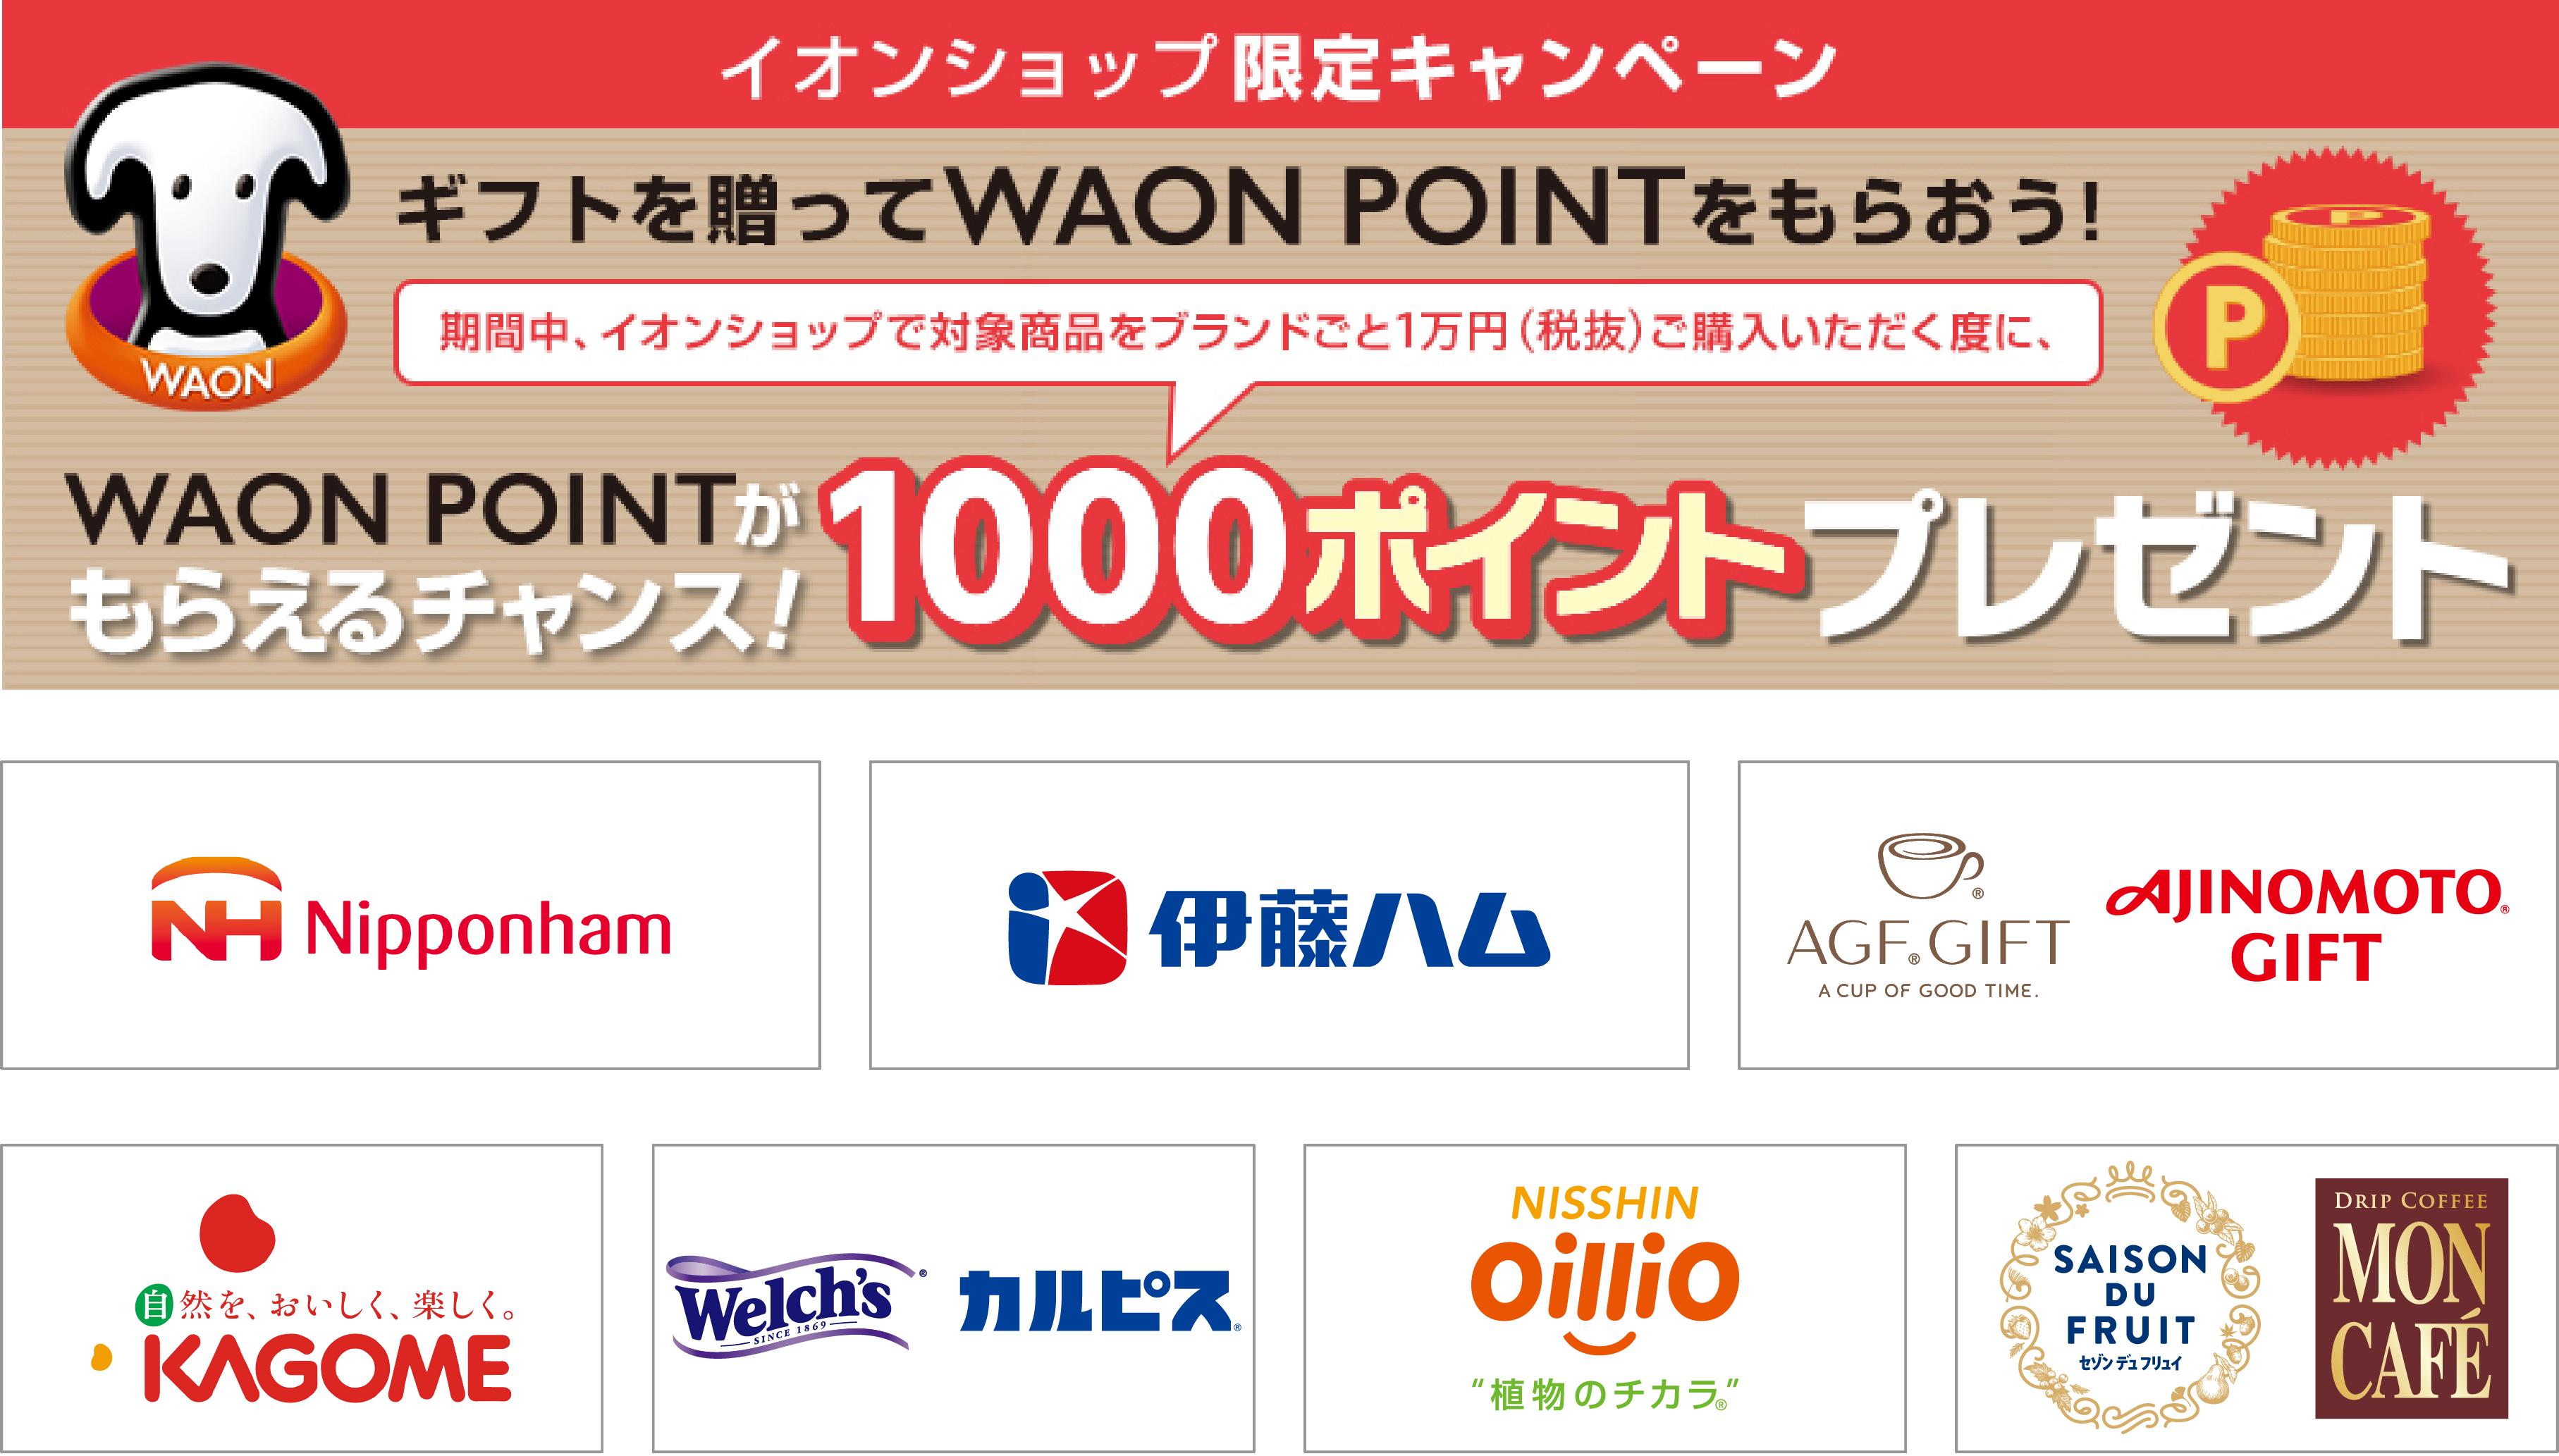 イオンショップ限定キャンペーンギフトを贈ってWAONPOINTをもらおう! 期間中、イオンショップで対象商品をブランドごと1万円(税抜)ご購入いただく度に、WAONPOINTがもらえるチャンス!1000ポイントプレゼント日本ハム伊藤ハムAGF.GIFT/AJINOMOTO GIFTカゴメウェルチ/カルピス日清オイリオセゾン ド フリュイ/モンカフェ